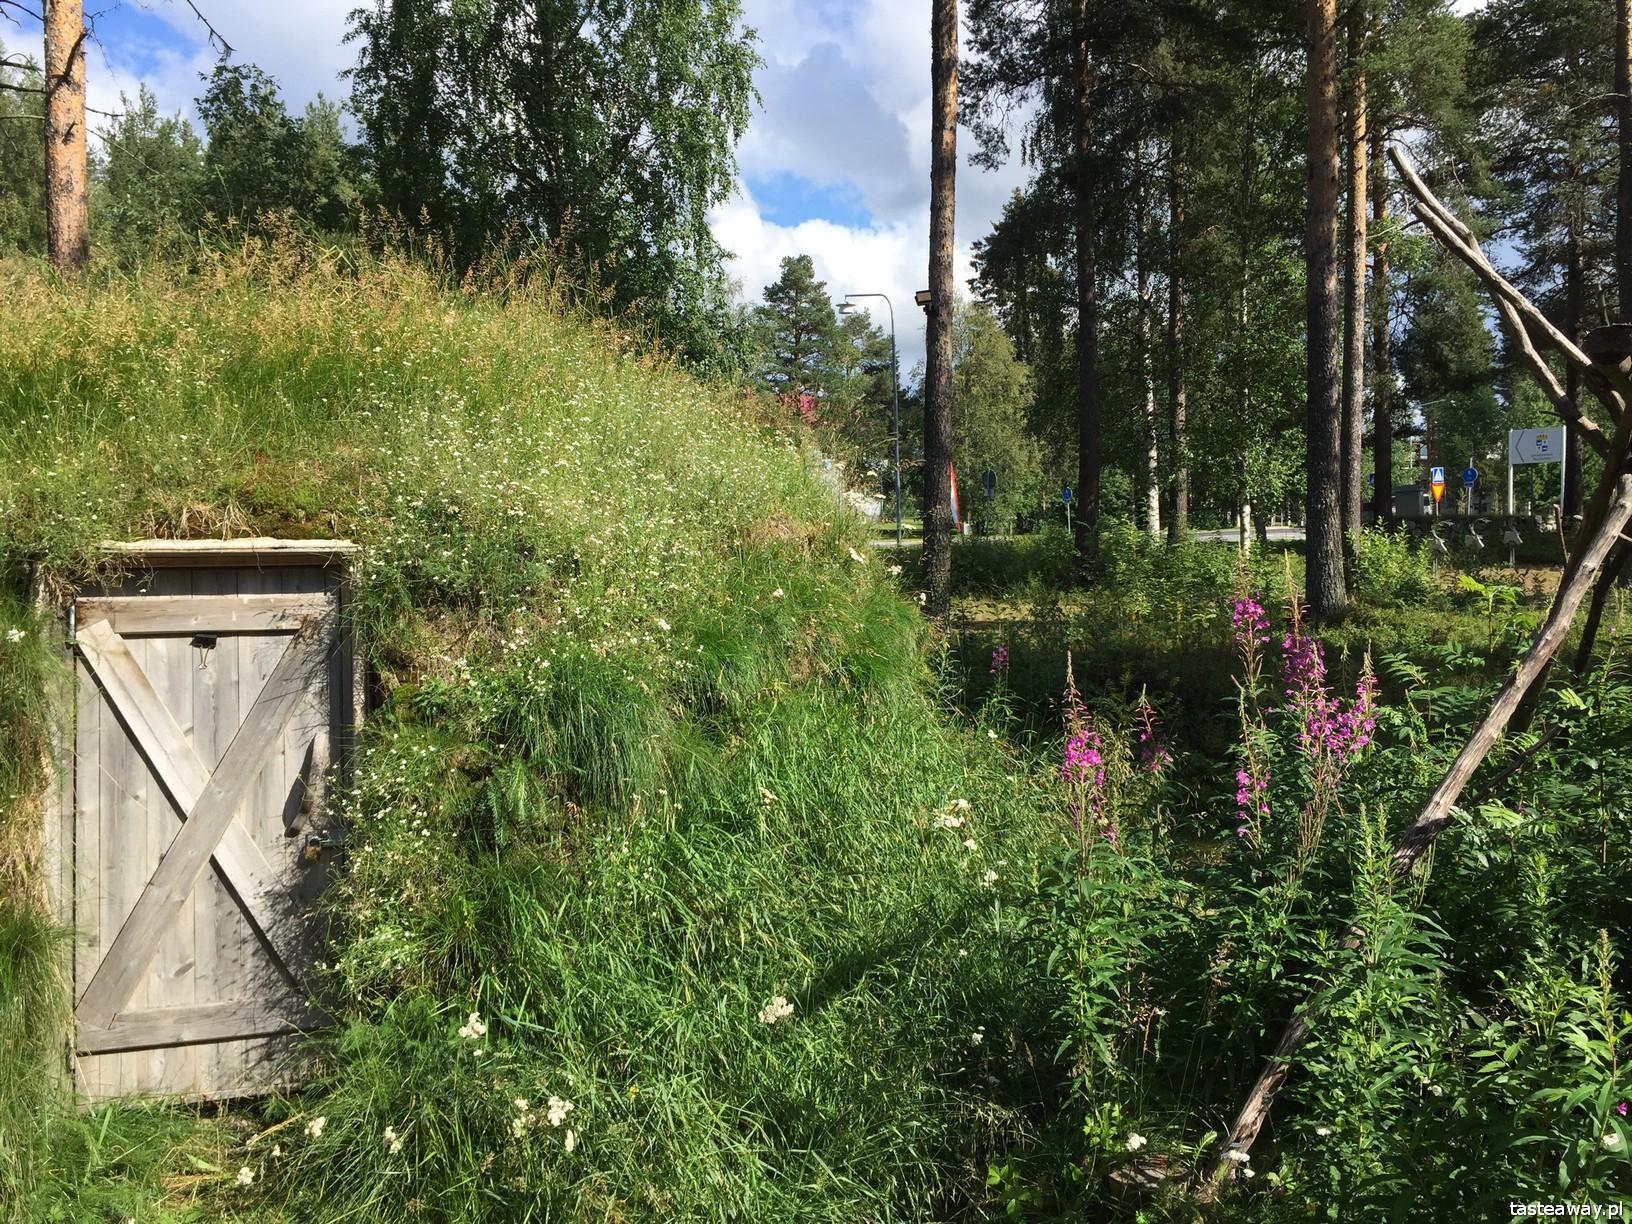 Jokkmokk, Samowie, kamperem po Szwecji, co zobaczyć w Szwecji, co zobaczyć w Jokkmokk